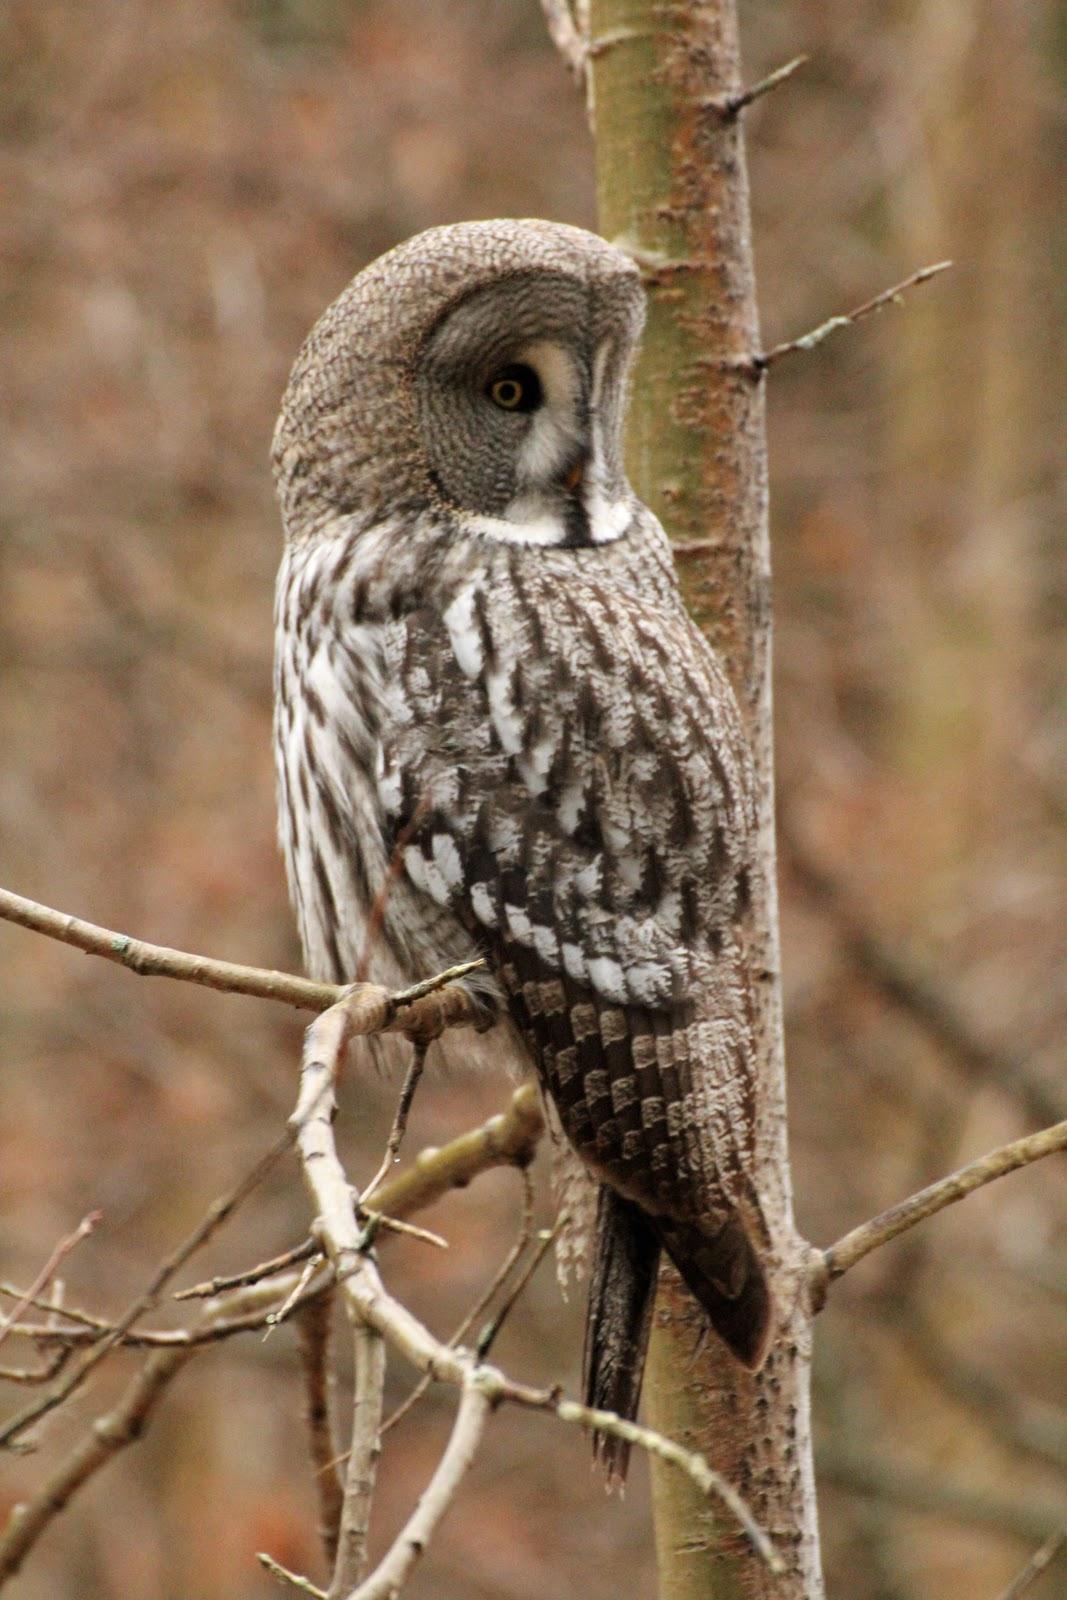 OSLO BIRDER: Great Grey Owl again